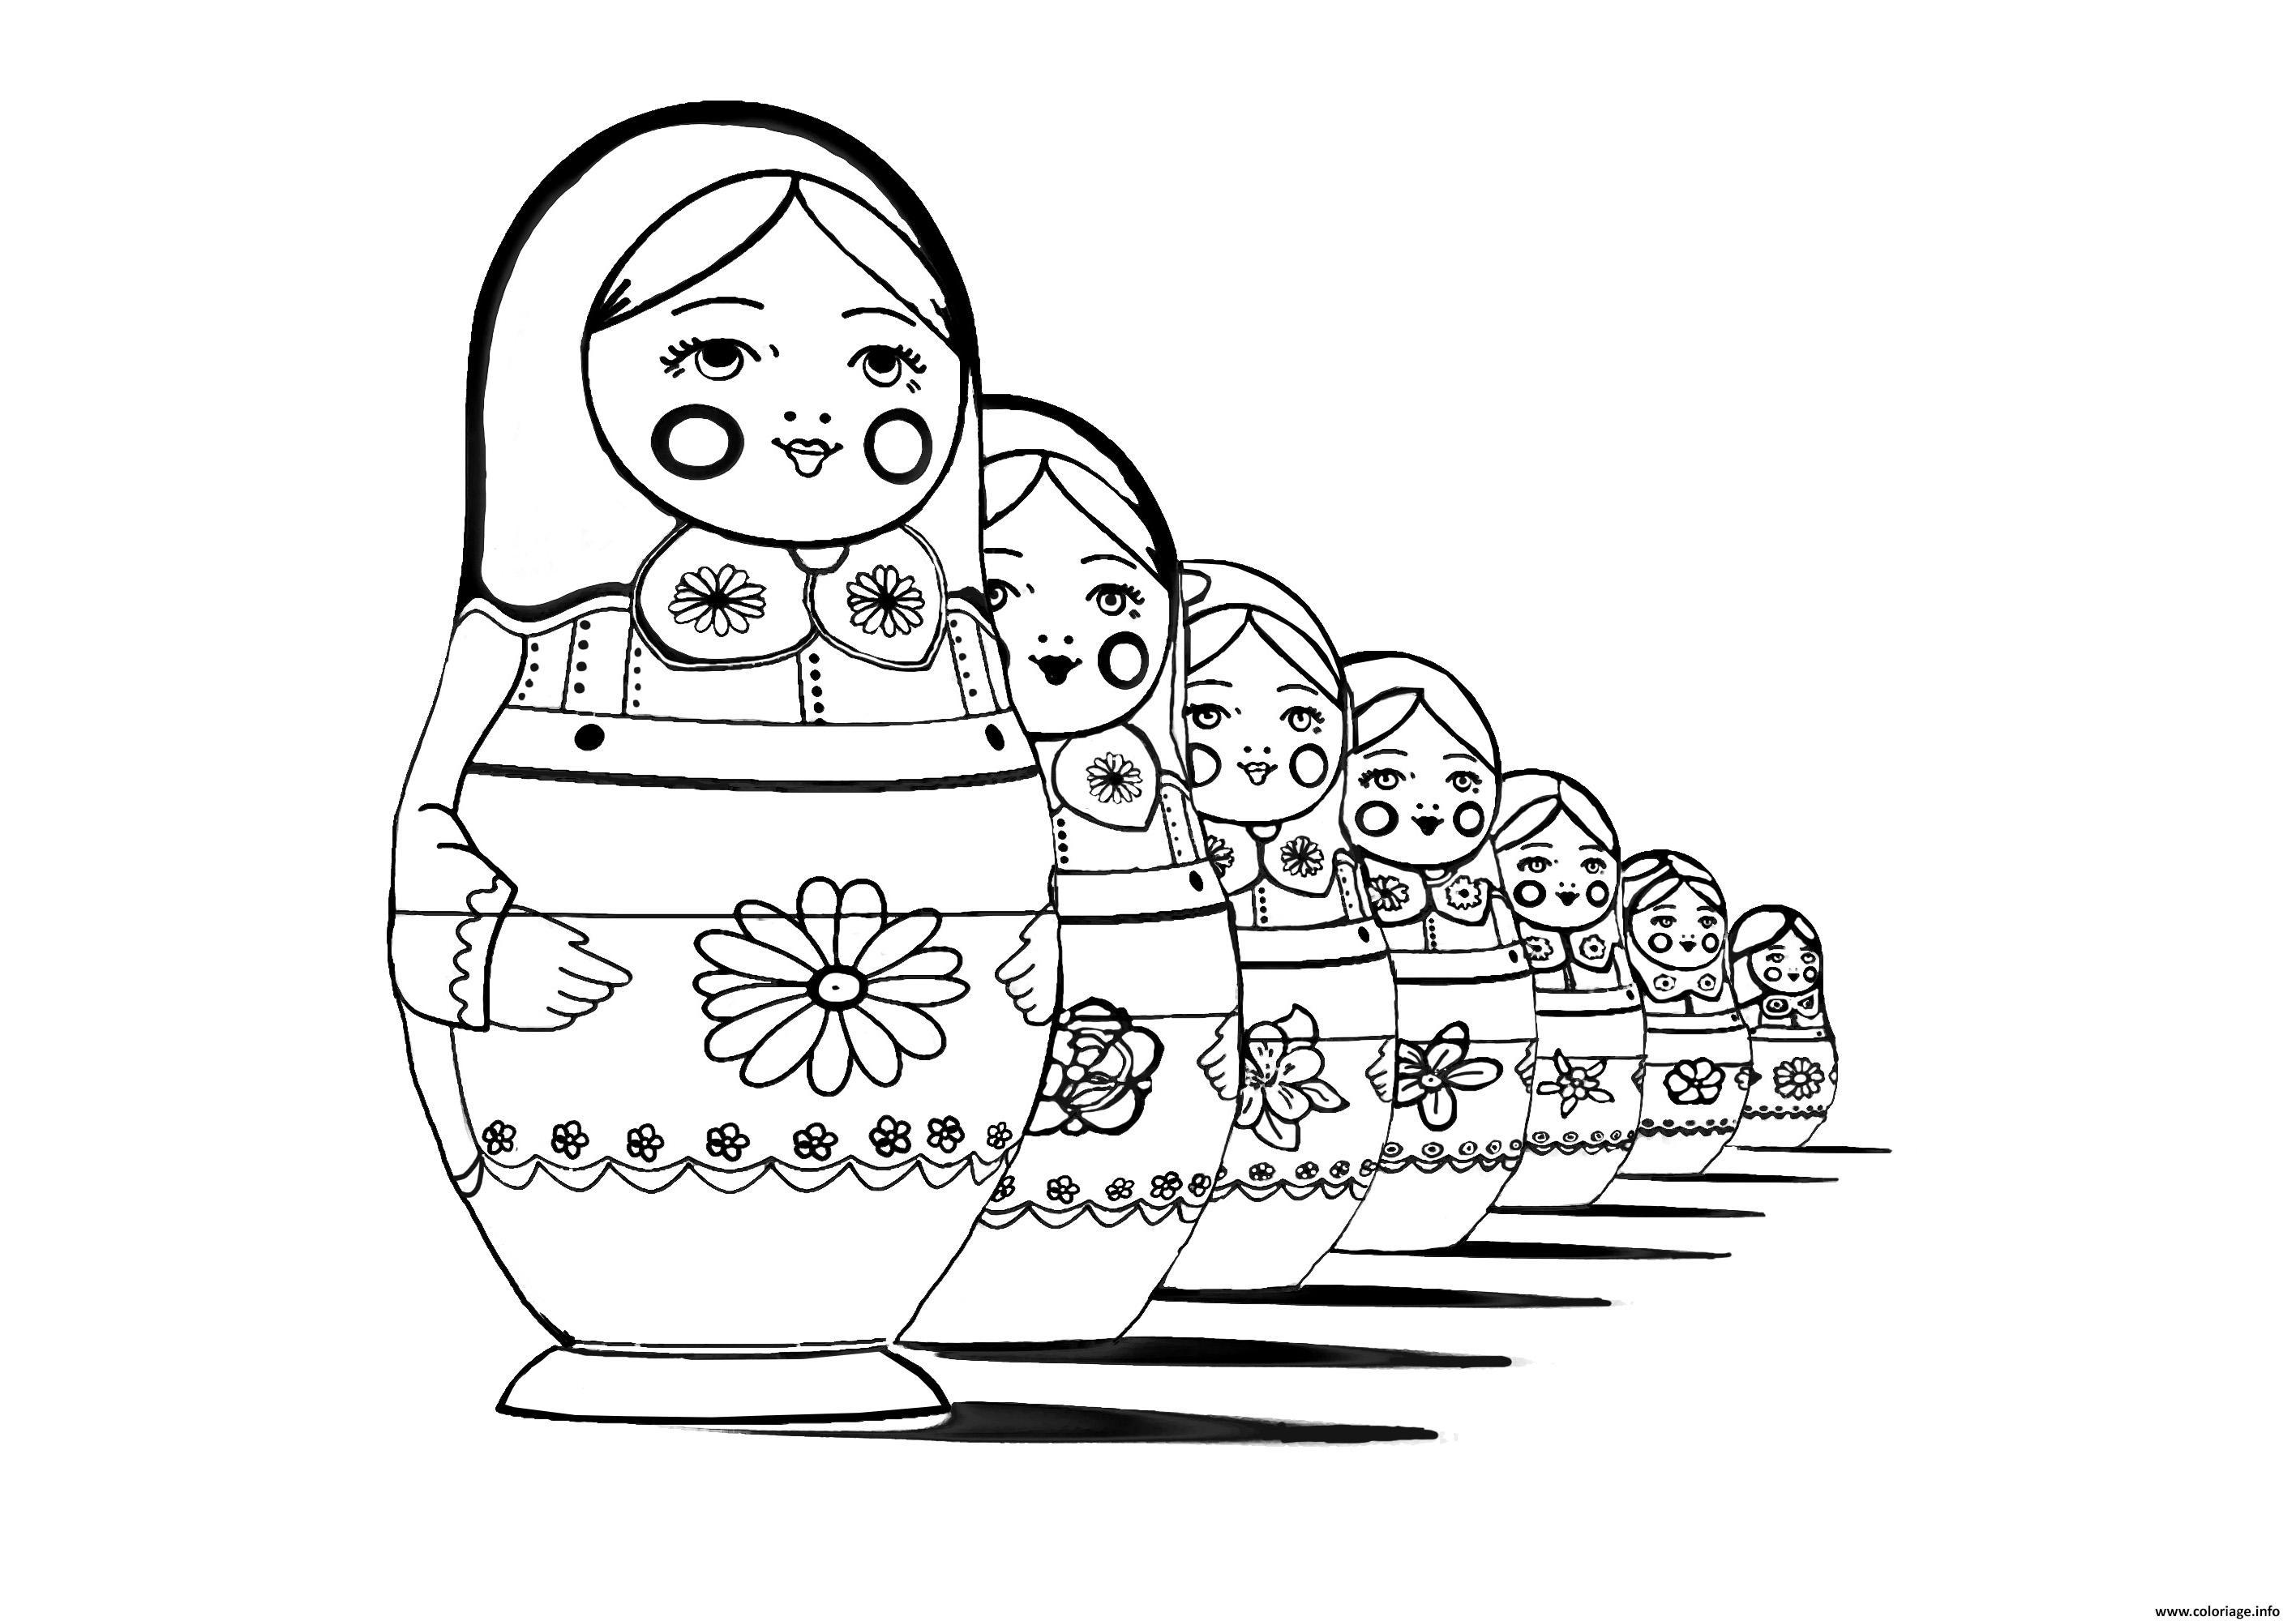 Dessin adult Matryoshka dolls perspective Poupee Russe Coloriage Gratuit à Imprimer